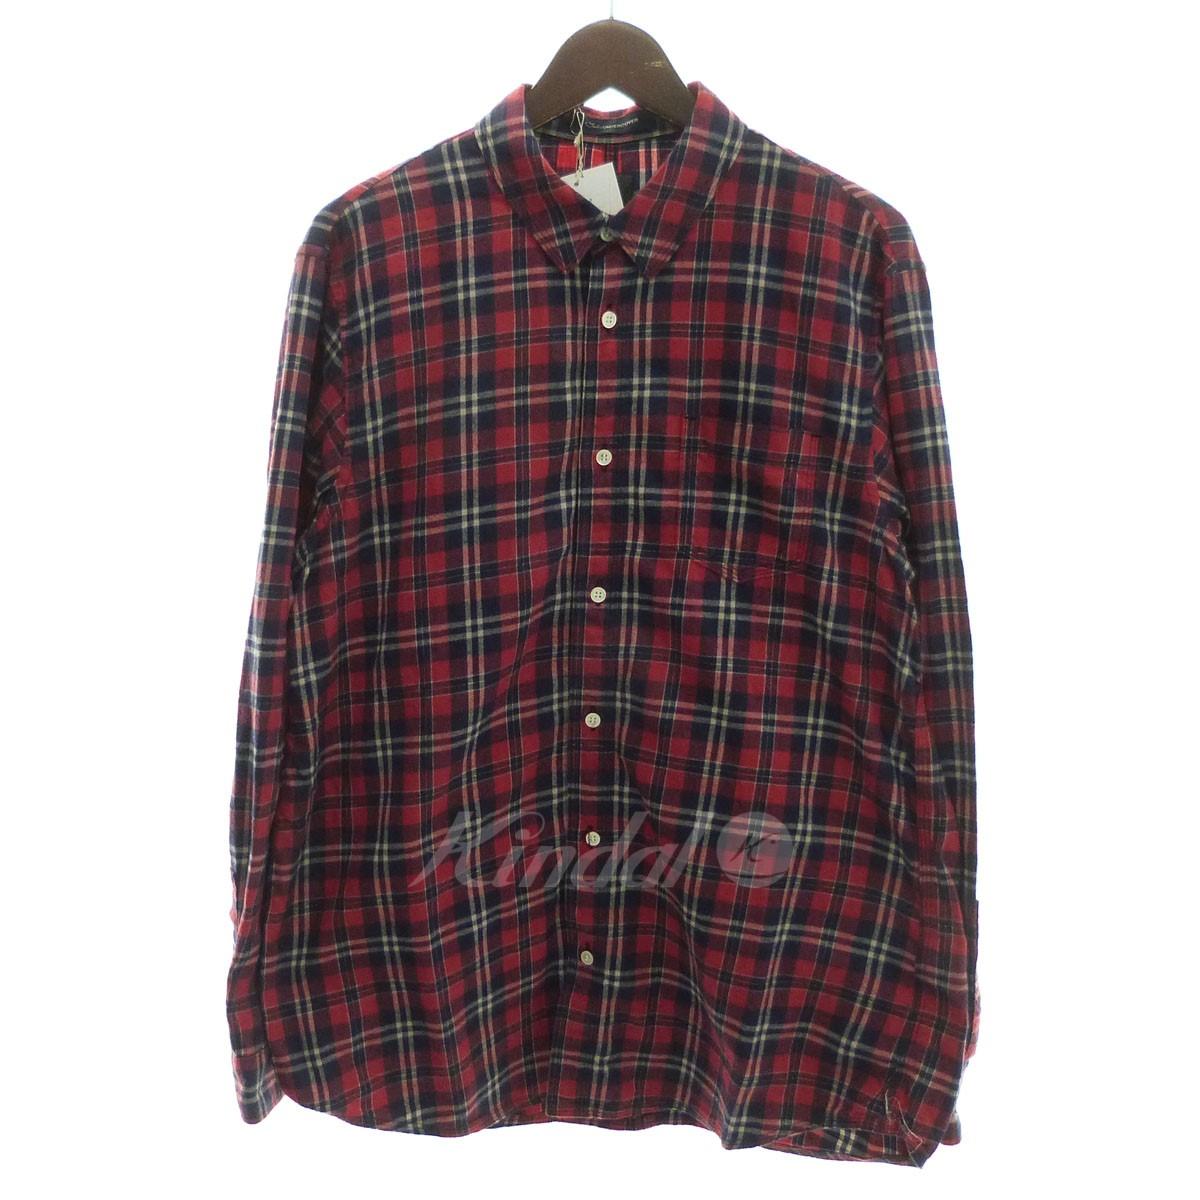 【中古】John UNDER COVER '18AW ラメチェックネルパッカリングシャツ レッド×ネイビー サイズ:2 【送料無料】 【011118】(ジョンアンダーカバー)